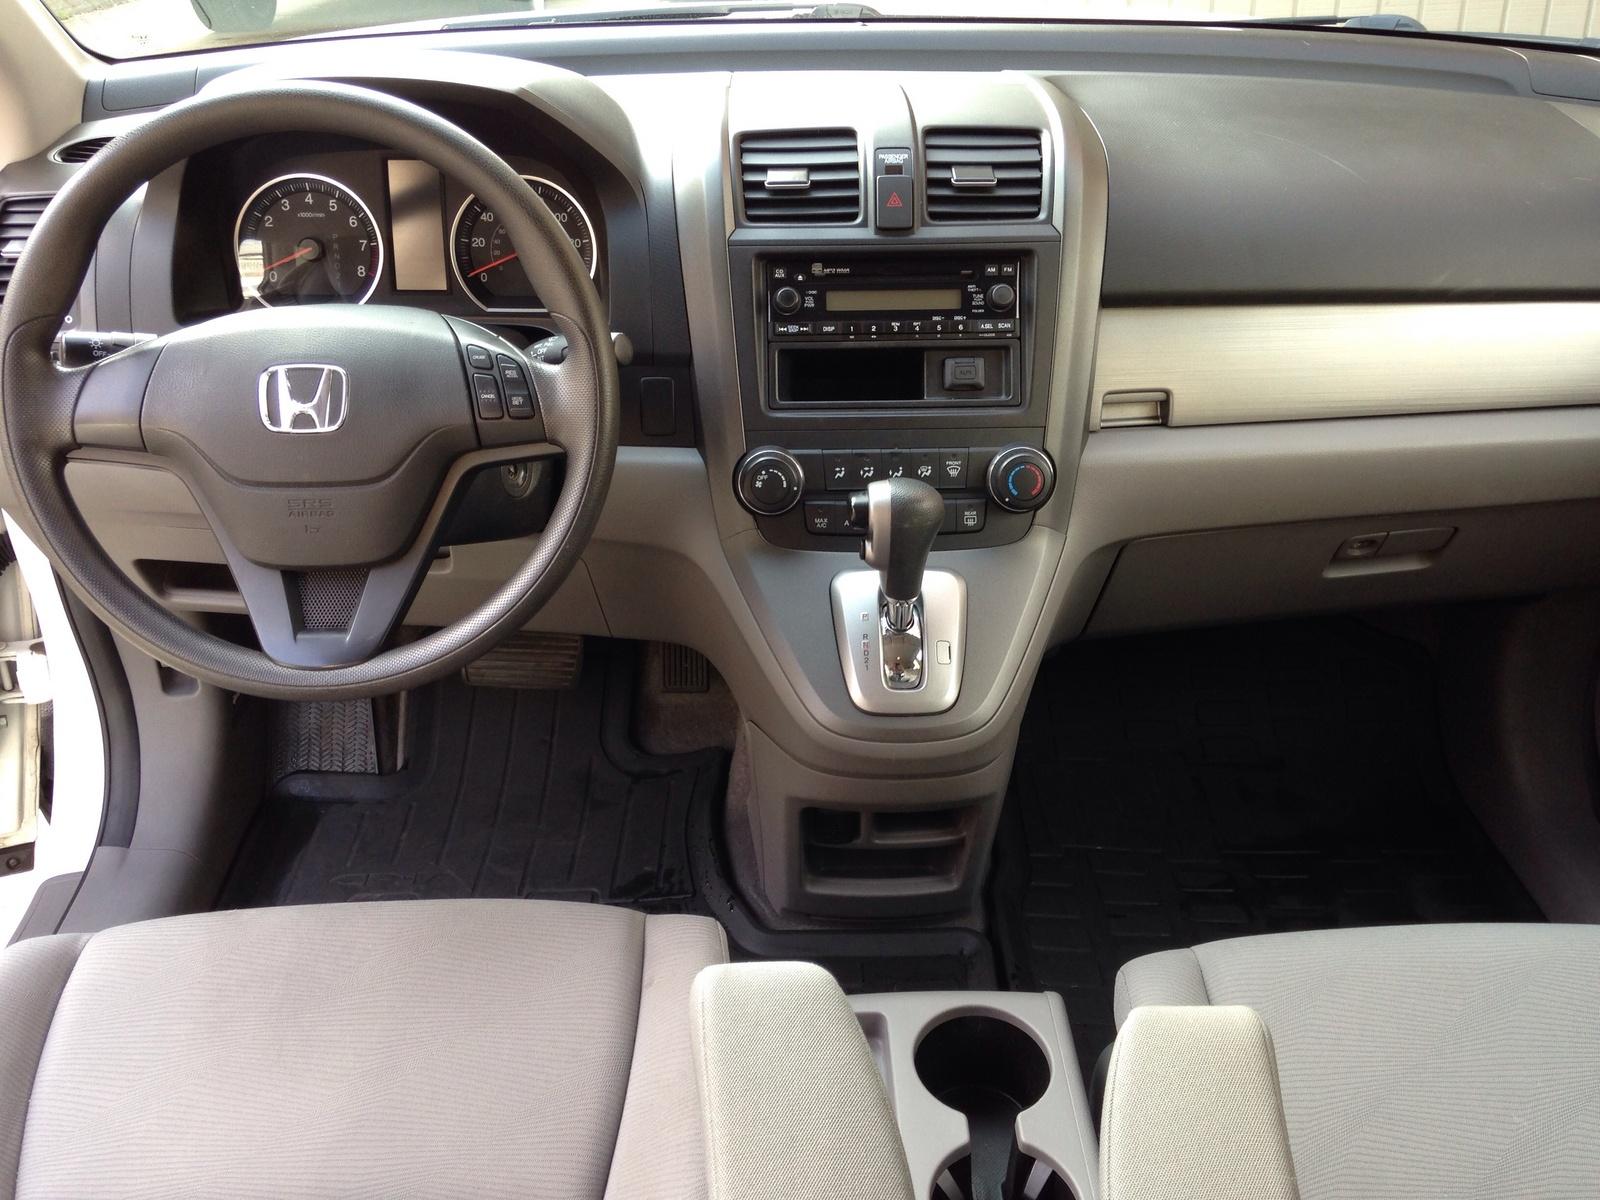 2010 Honda Cr V Interior Pictures Cargurus